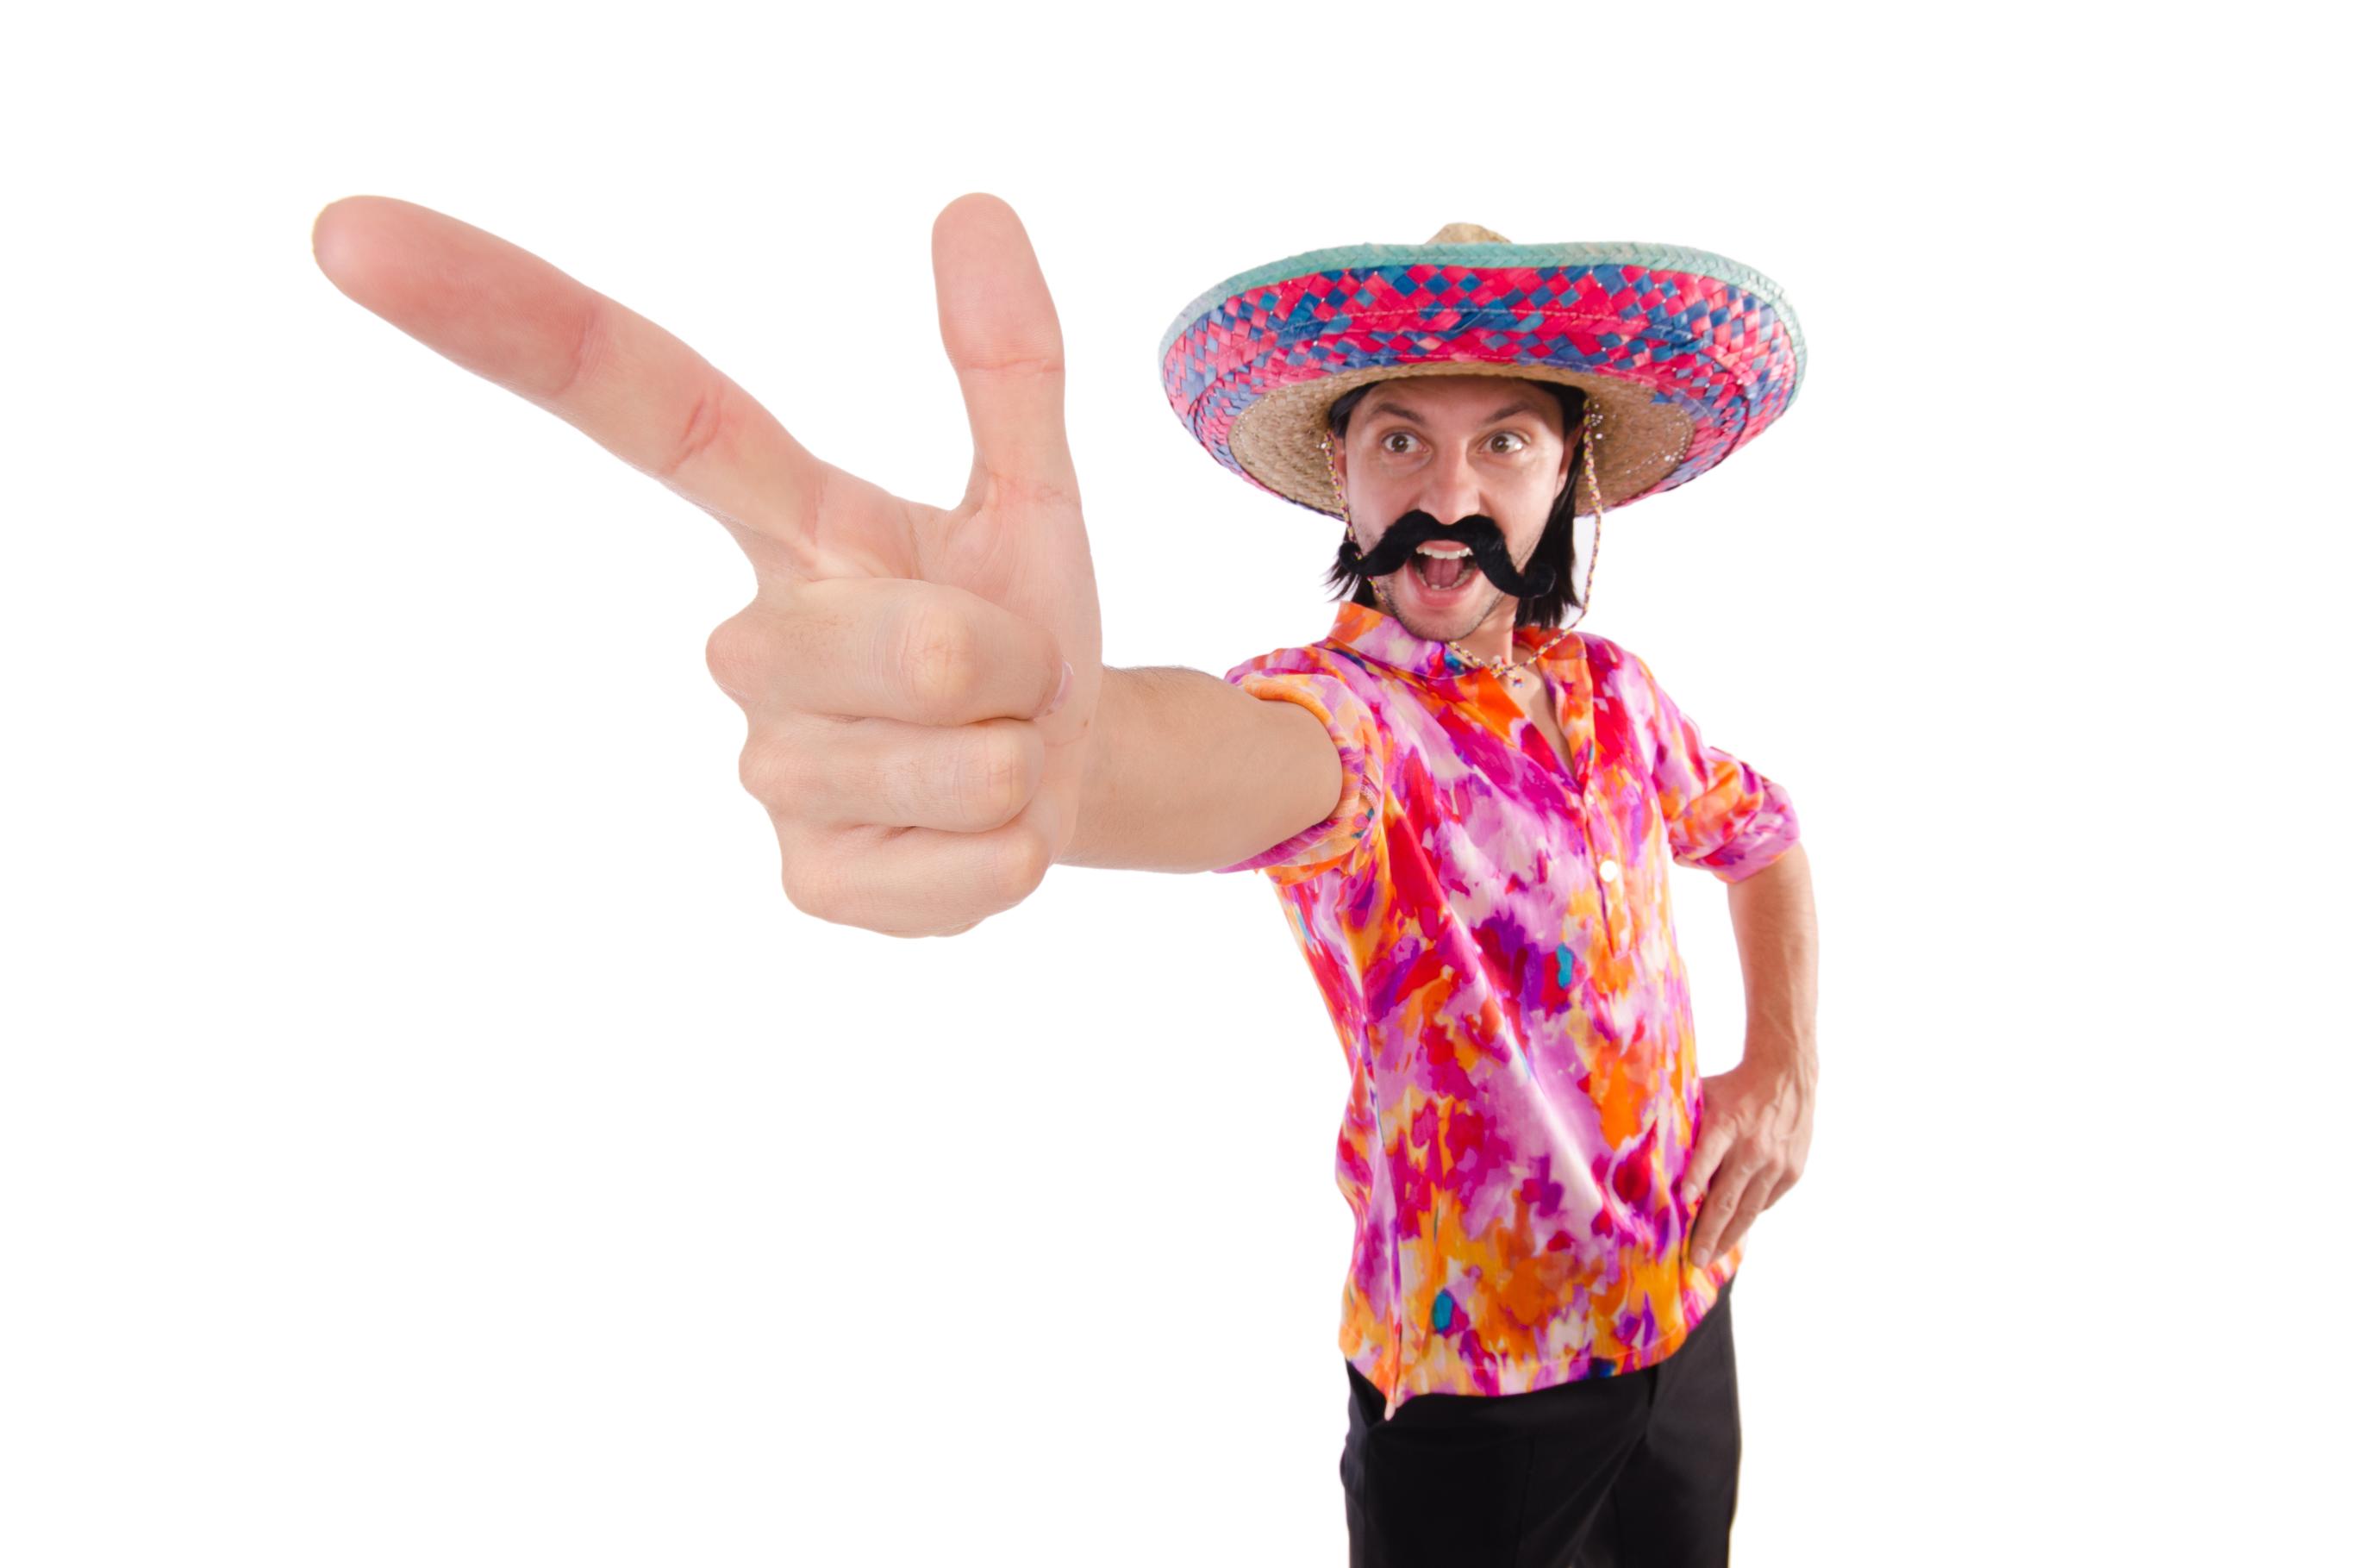 помощи смешные картинки про мексиканцев покажу вам